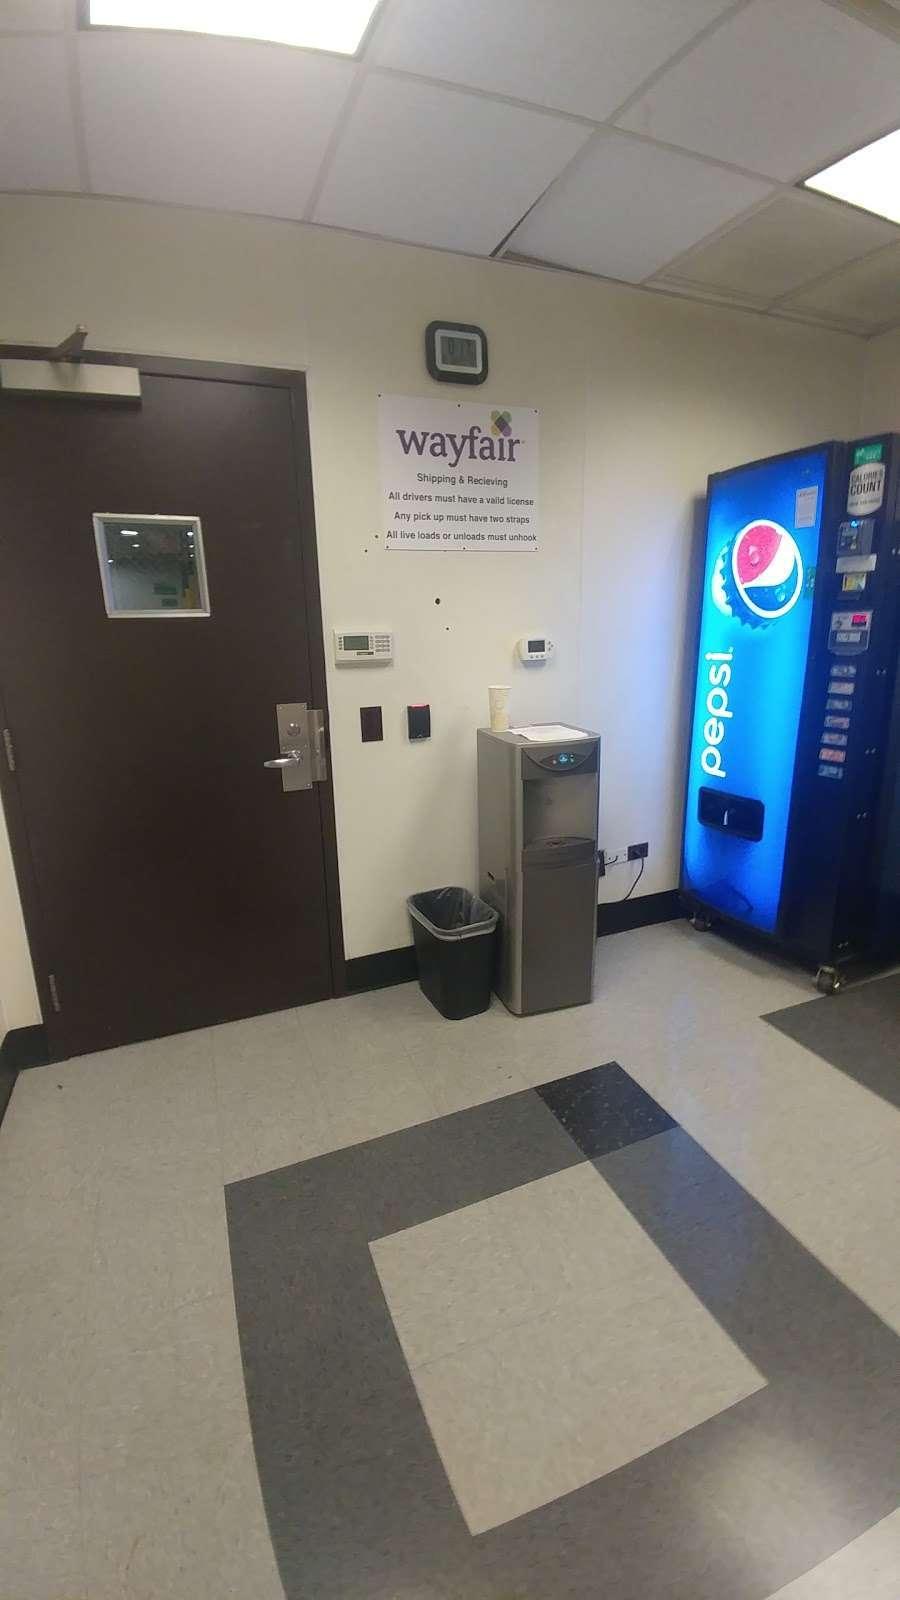 Wayfair Carol Stream Warehouse - storage  | Photo 3 of 4 | Address: 815 Kimberly Dr, Carol Stream, IL 60188, USA